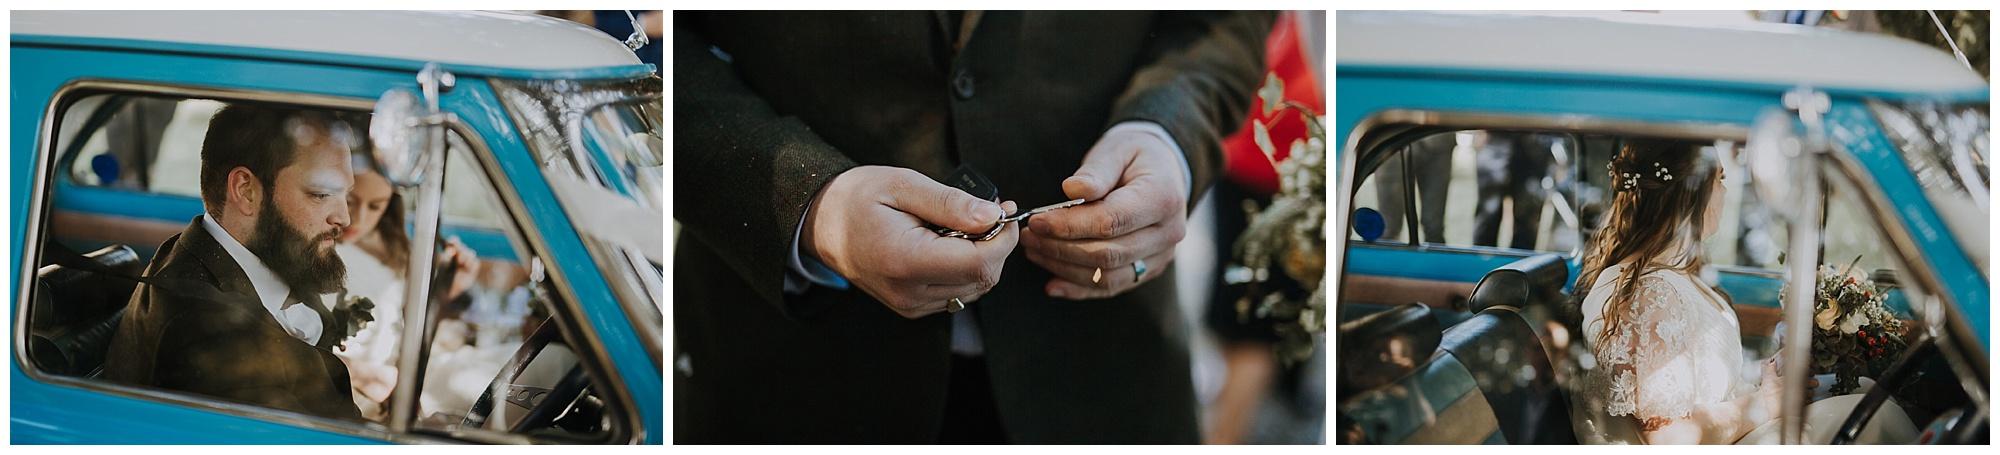 ford anglia and keys